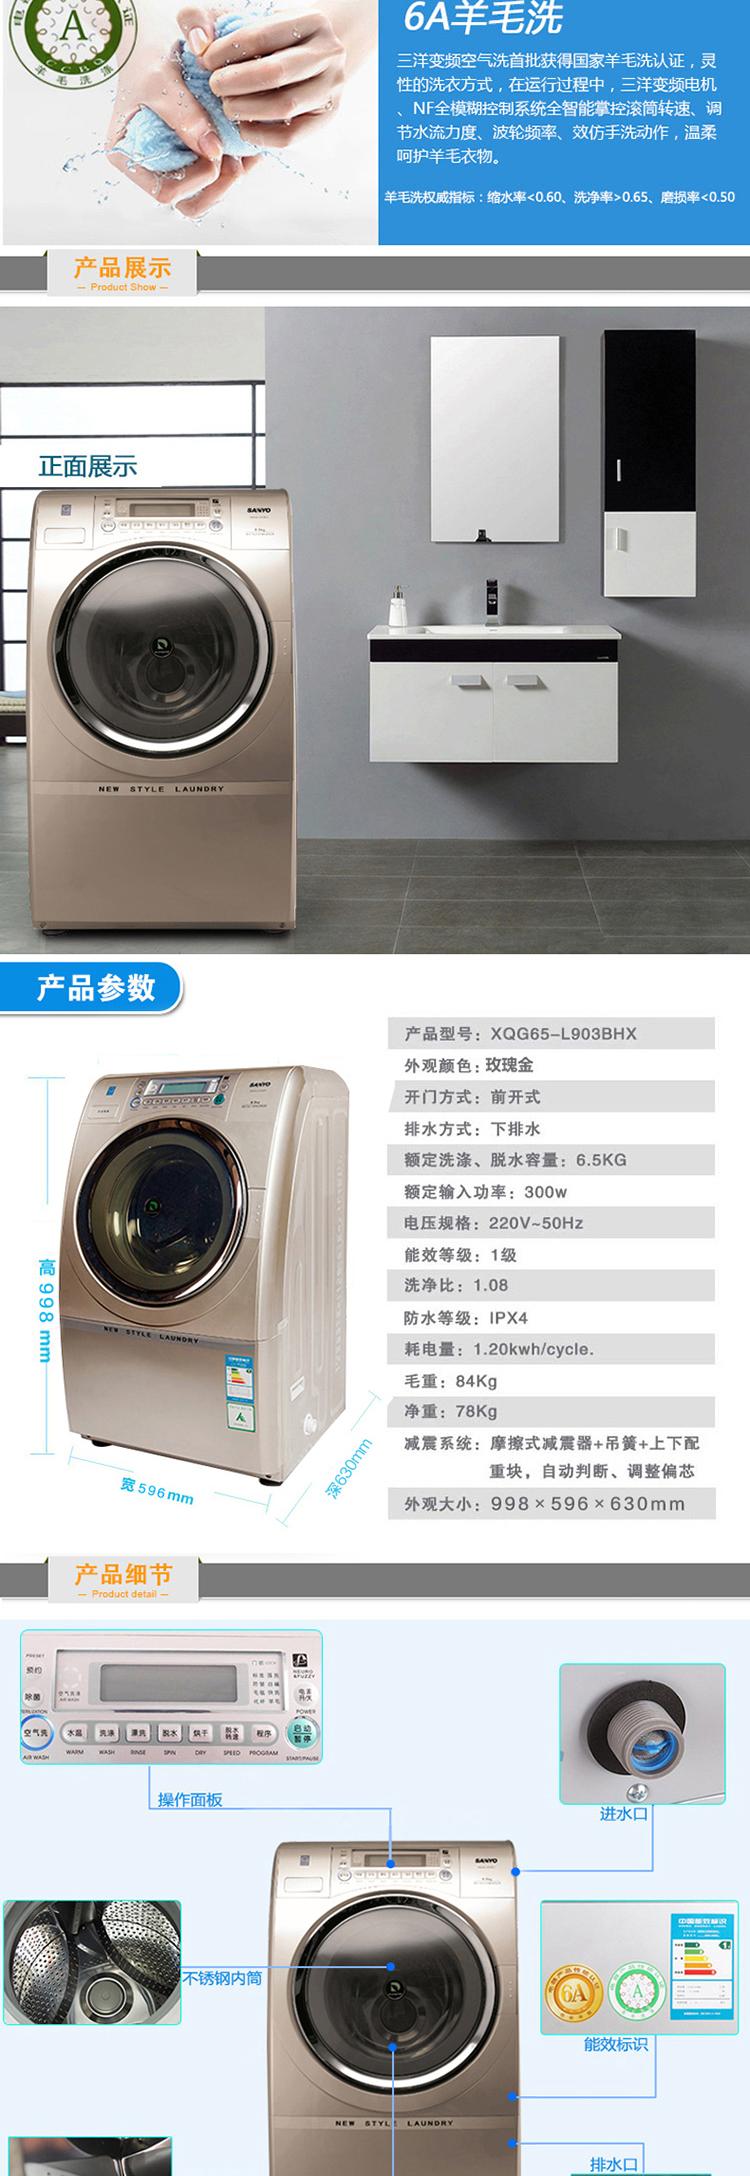 三洋(sanyo)|洗衣机,-三洋(sanyo) 6.5kg 变频滚筒机